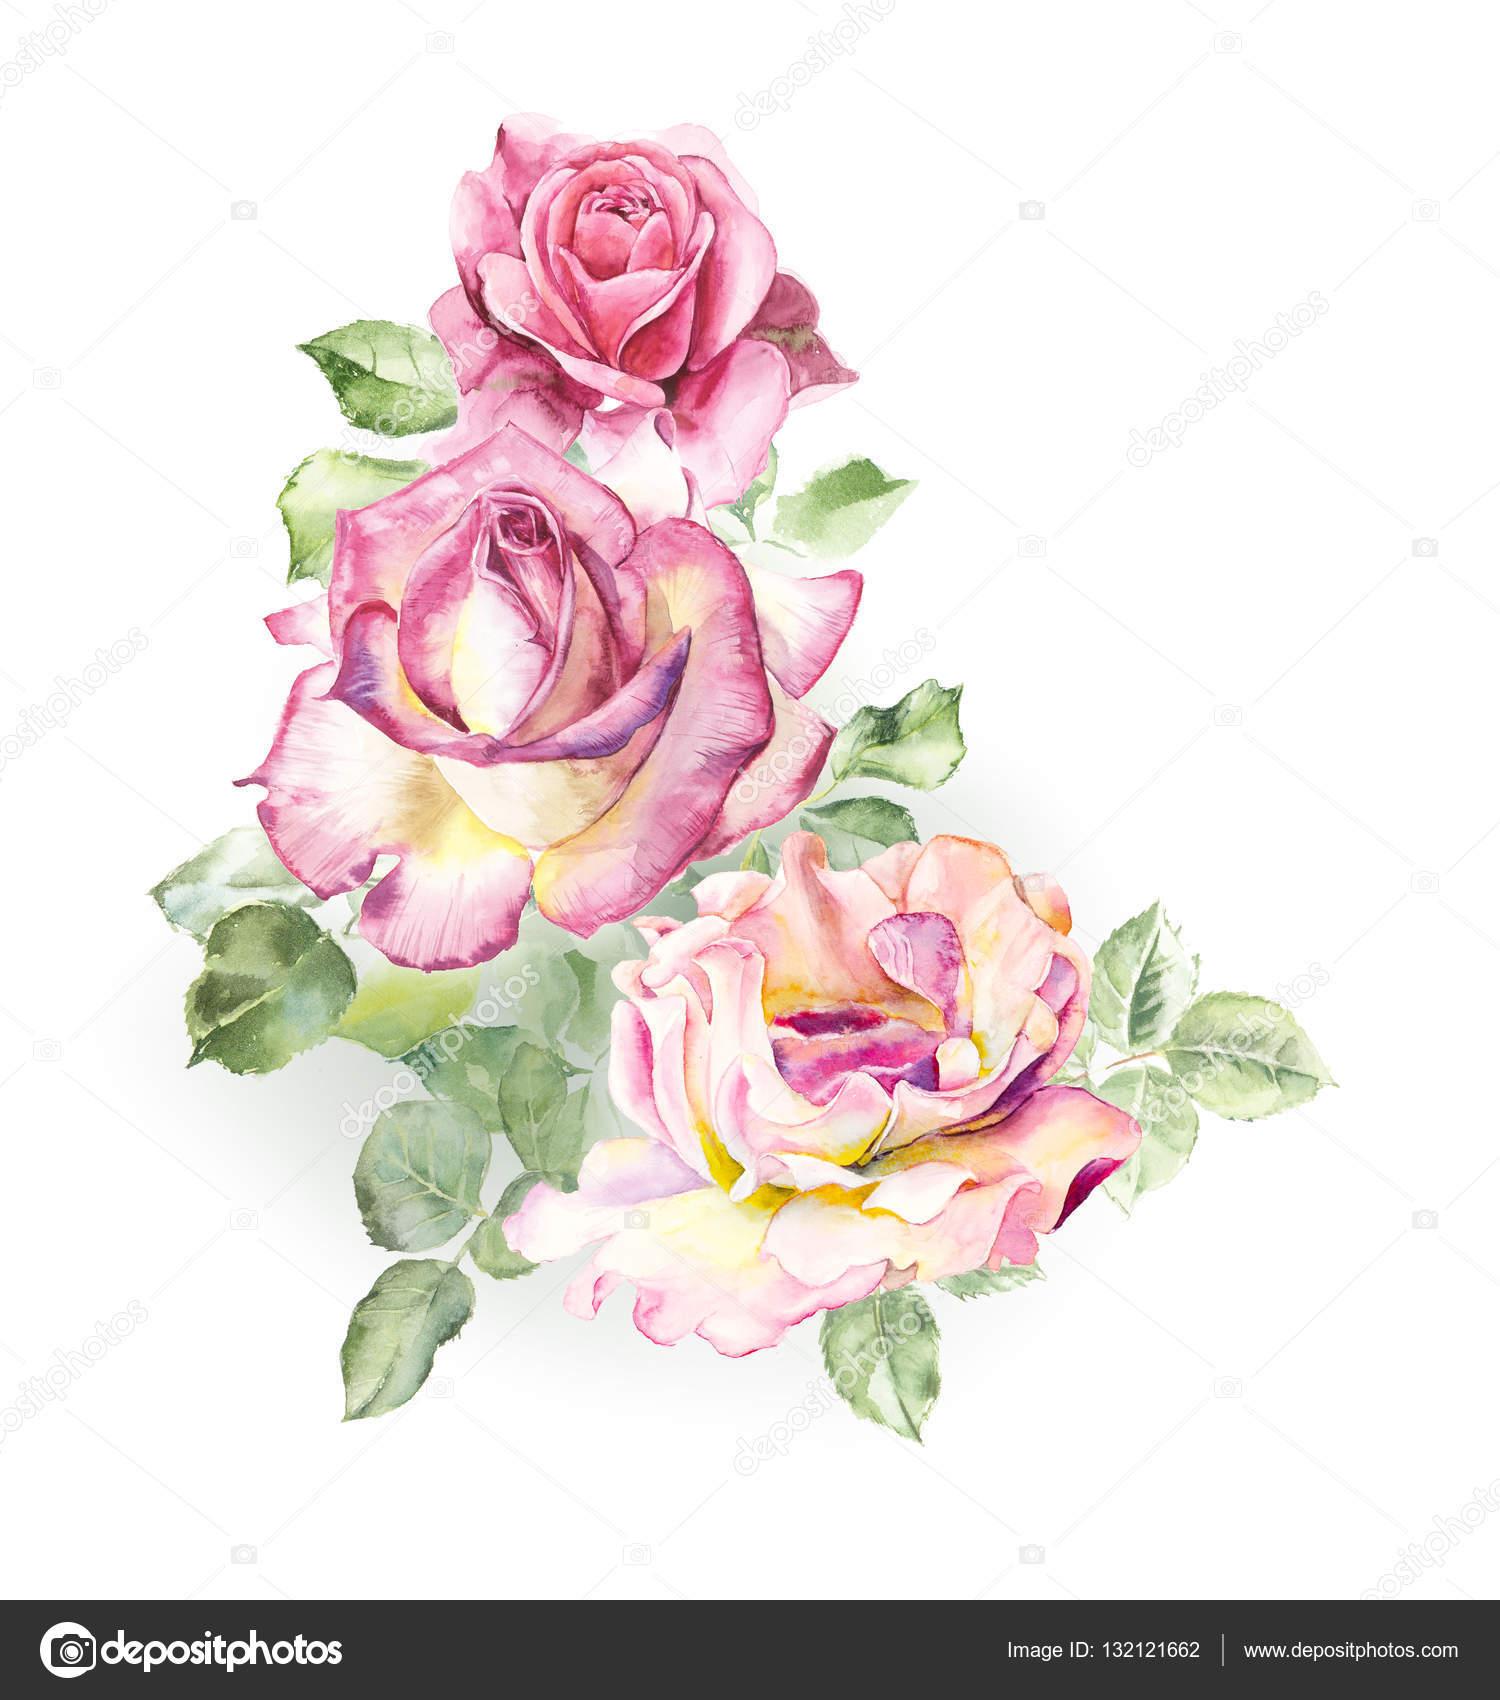 Motif de rose rose dessins de mariage photographie budogosh 132121662 - Fleur rose dessin ...